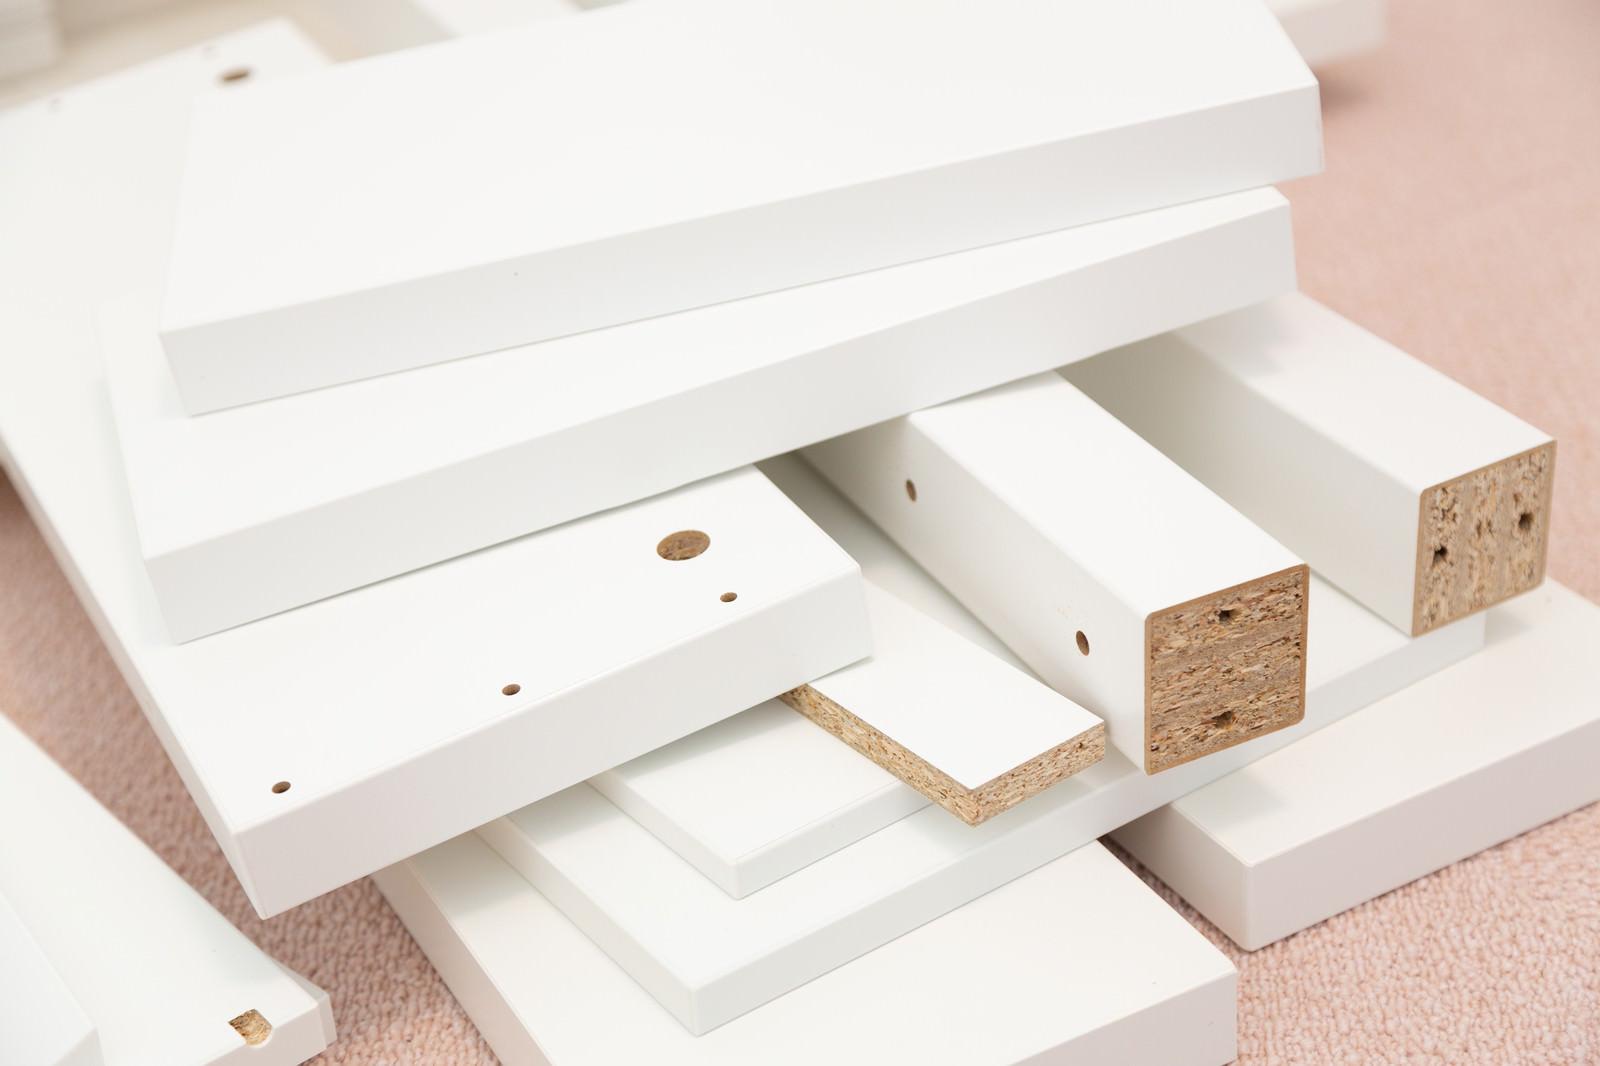 「パーツが多い組み立て式家具 | 写真の無料素材・フリー素材 - ぱくたそ」の写真